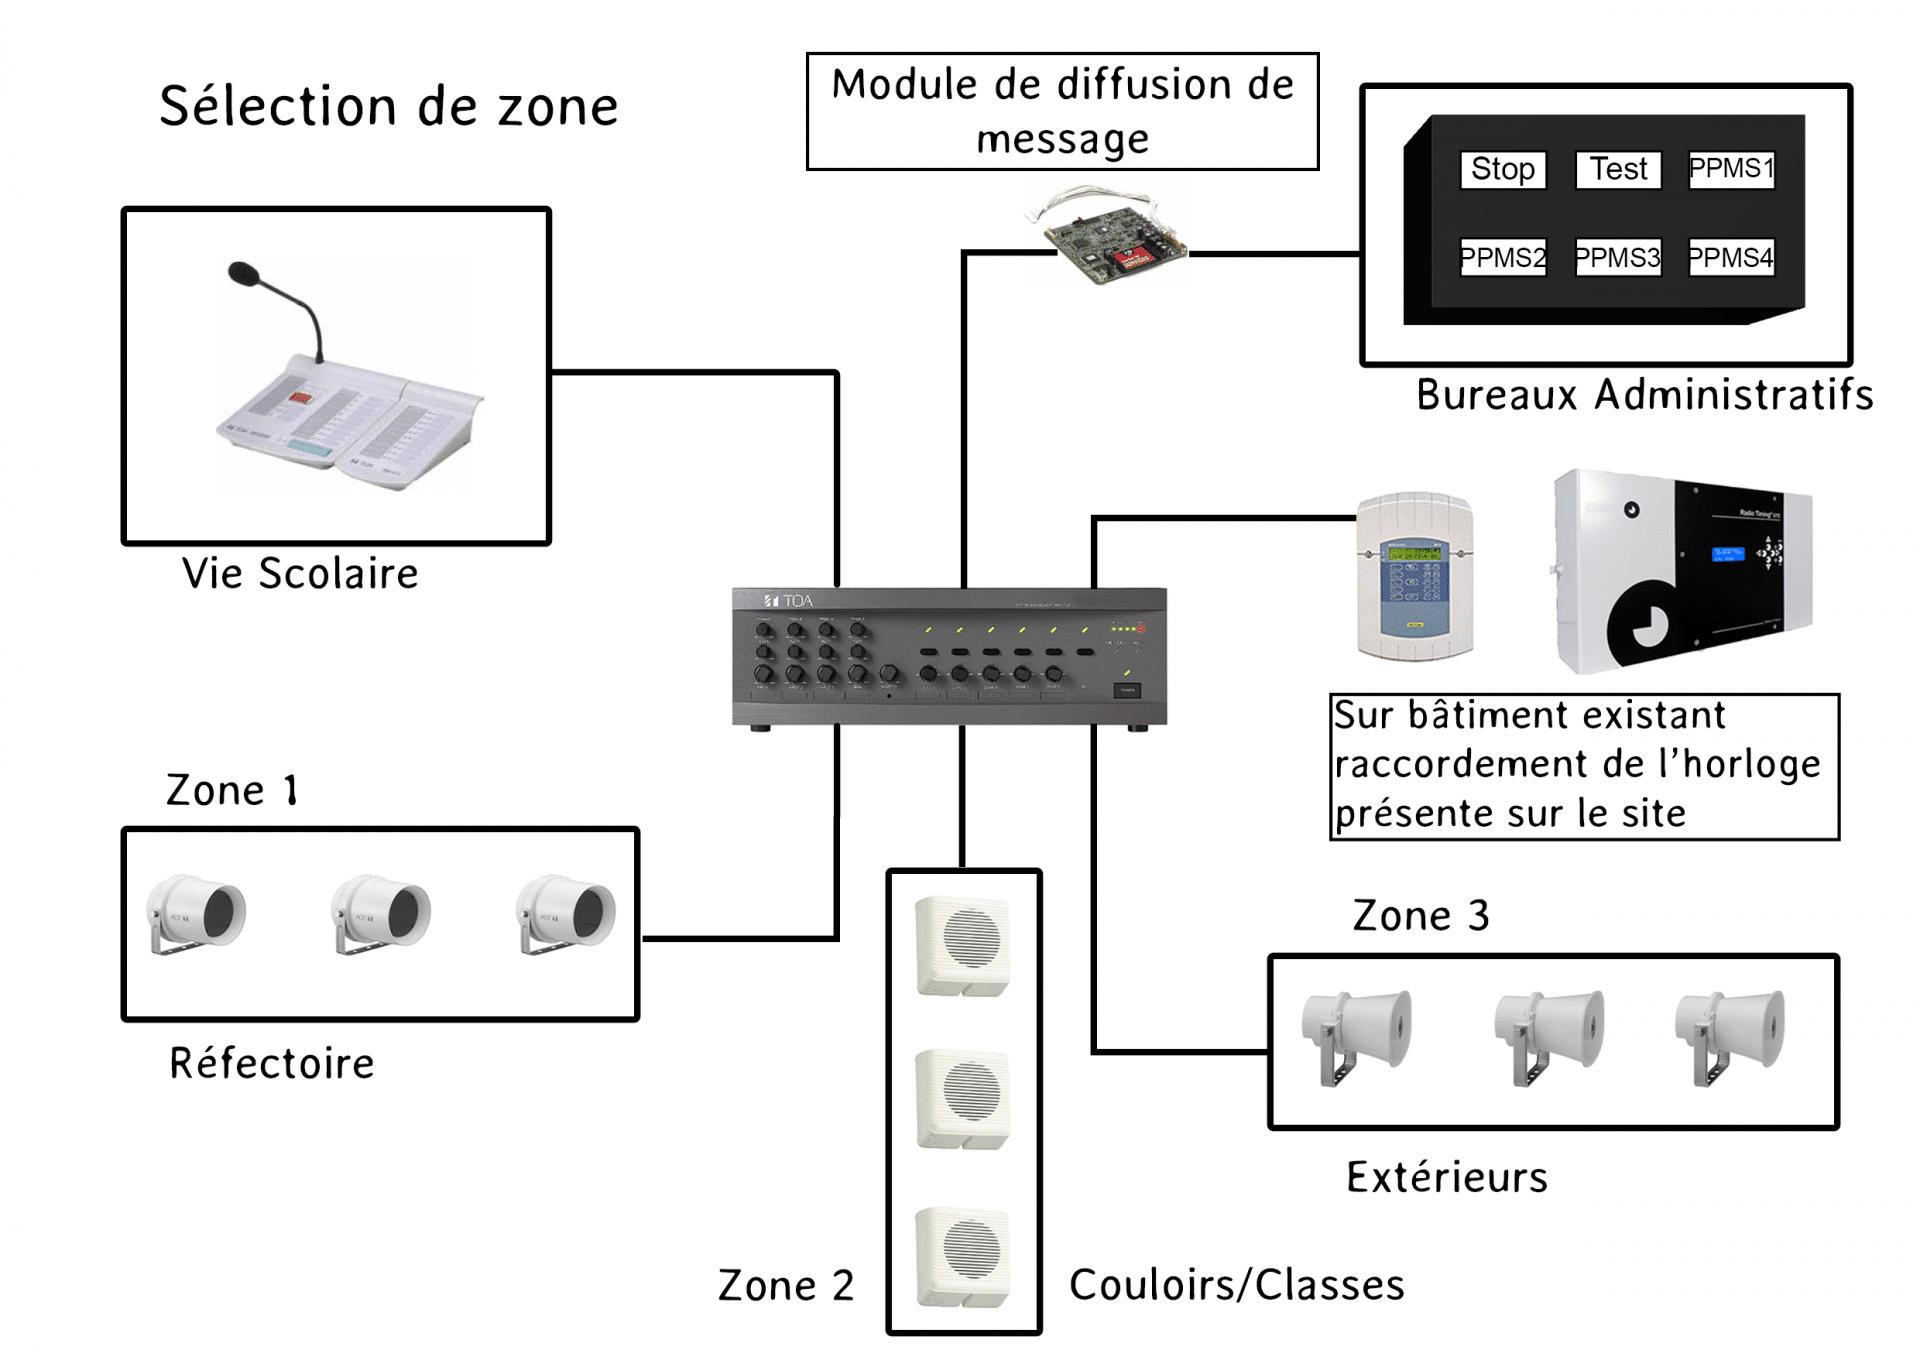 Séléction de zone2